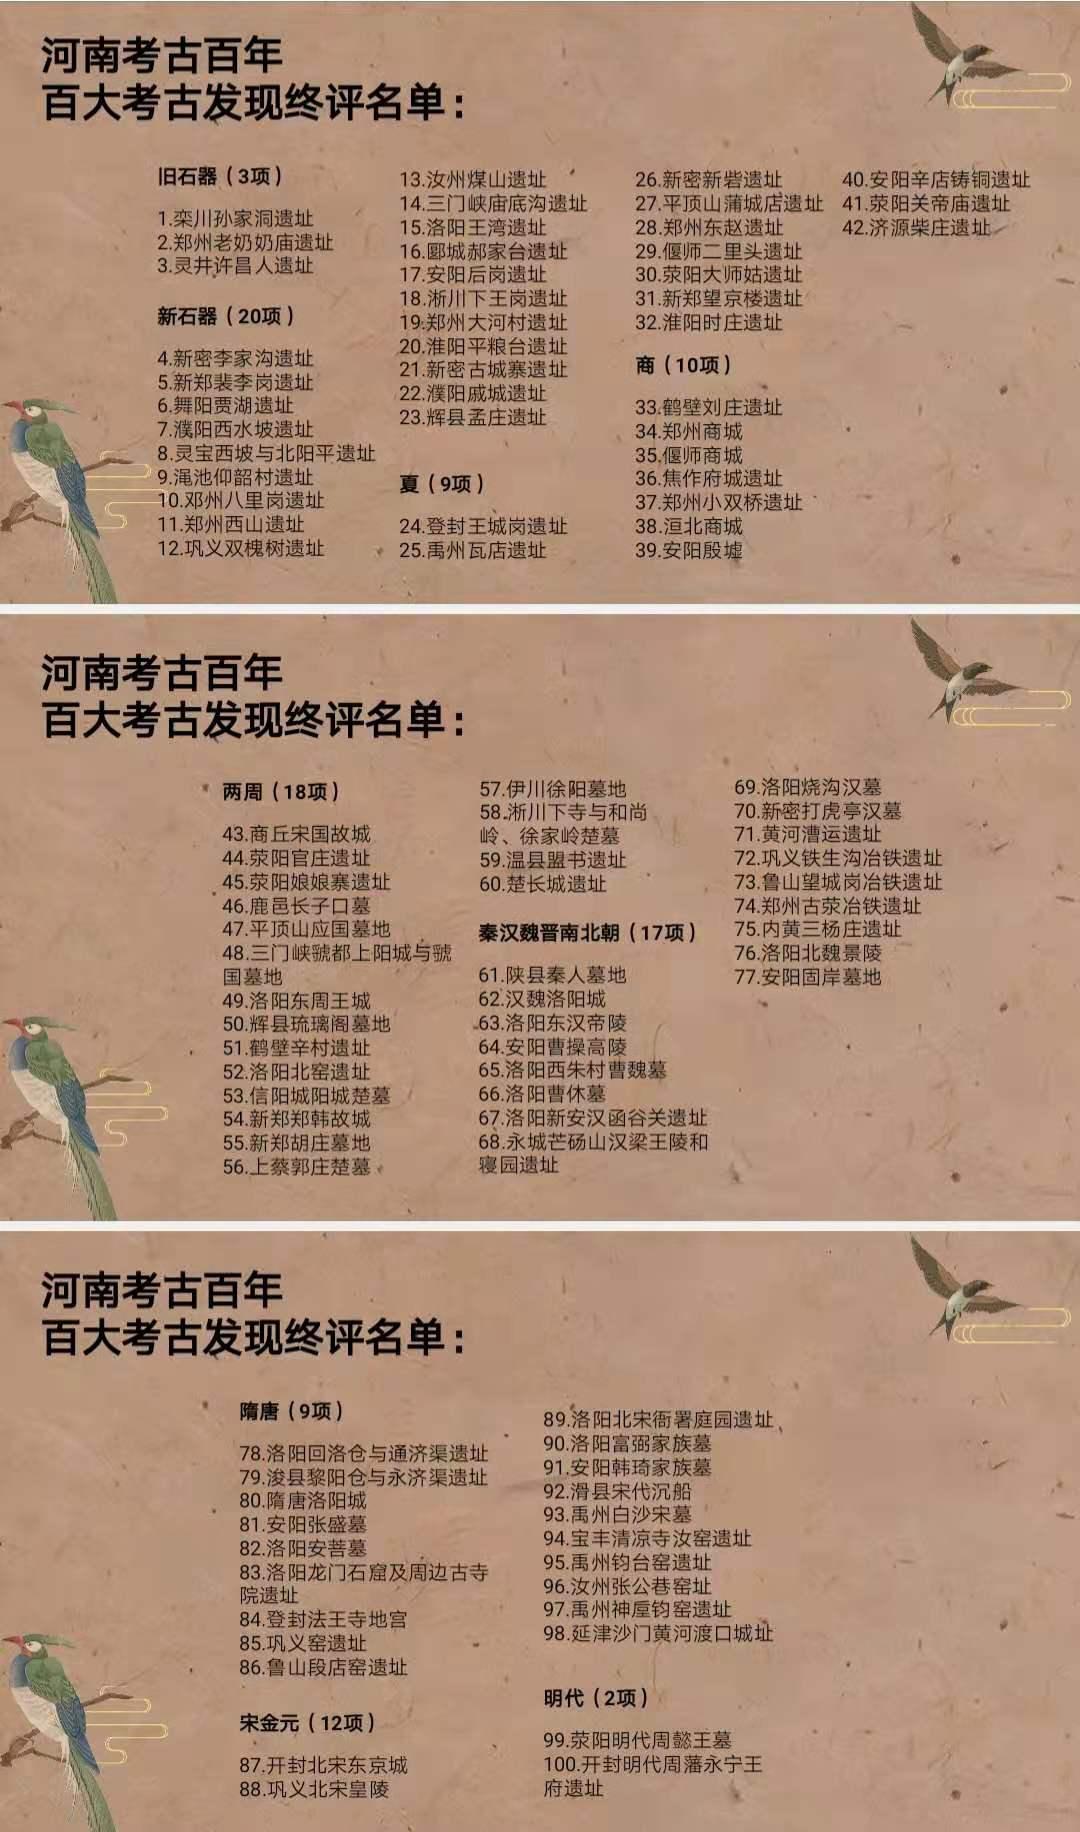 河南考古百年百大考古发现评选揭晓 这些考古遗址入选